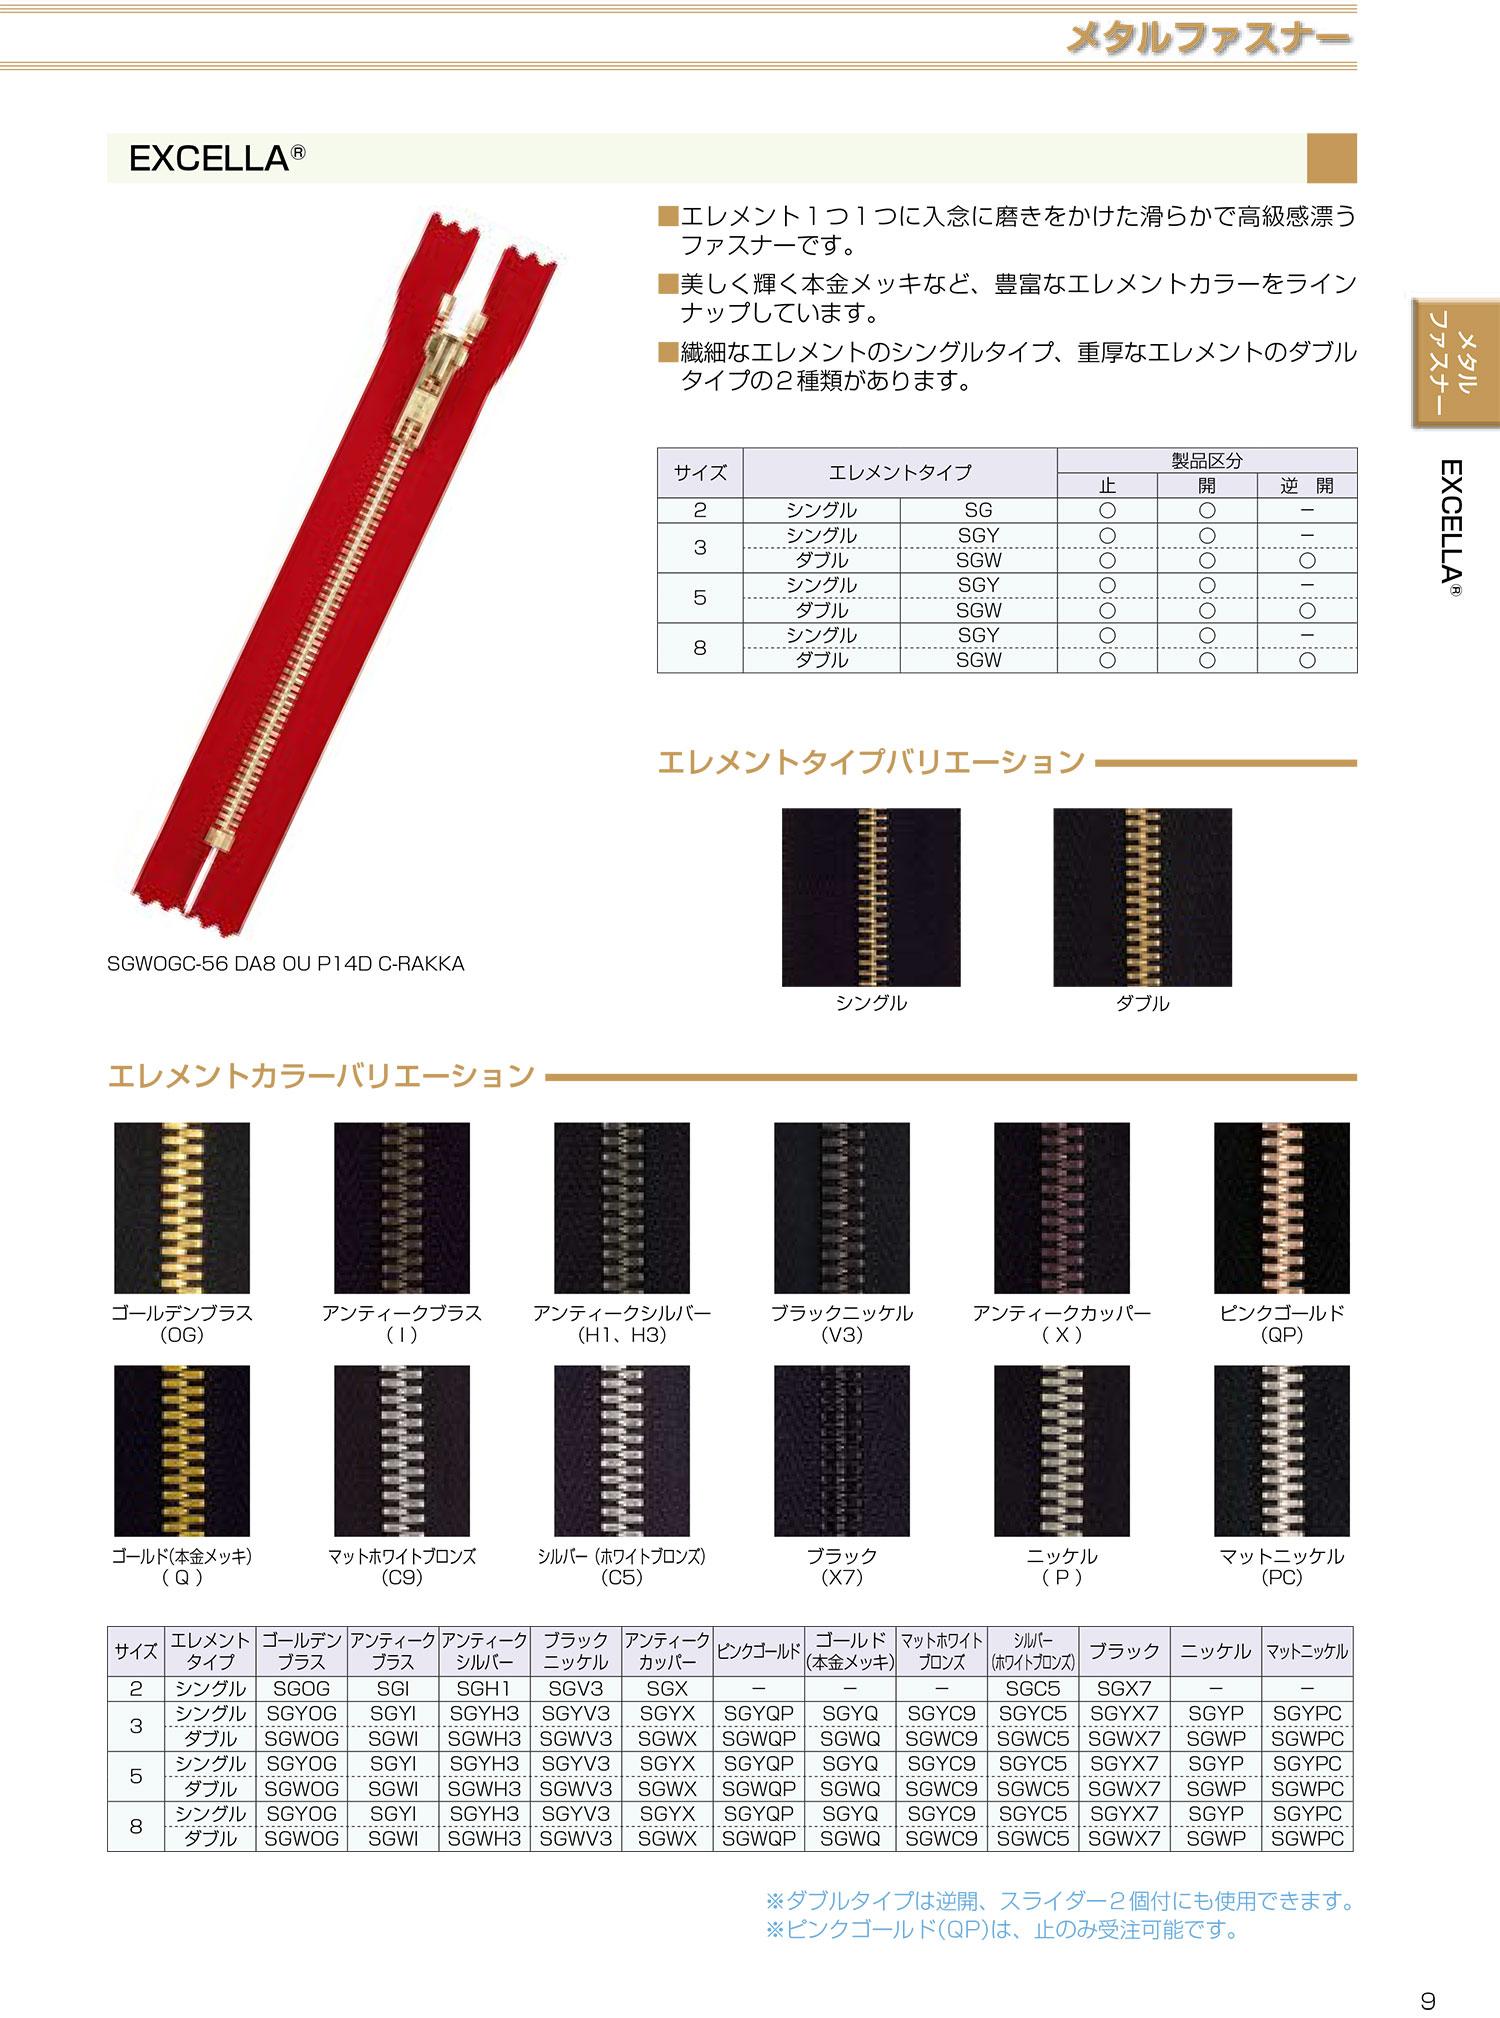 8SGWQC エクセラ 8サイズ ゴールド(本金) 止め ダブル[ファスナー] YKK/オークラ商事 - ApparelX アパレル資材卸通販